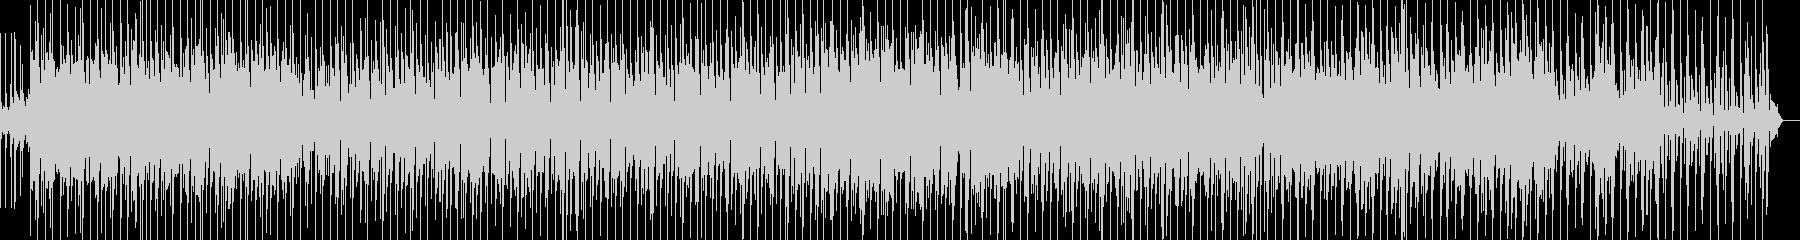 軽快なリズムのシンセポップの未再生の波形